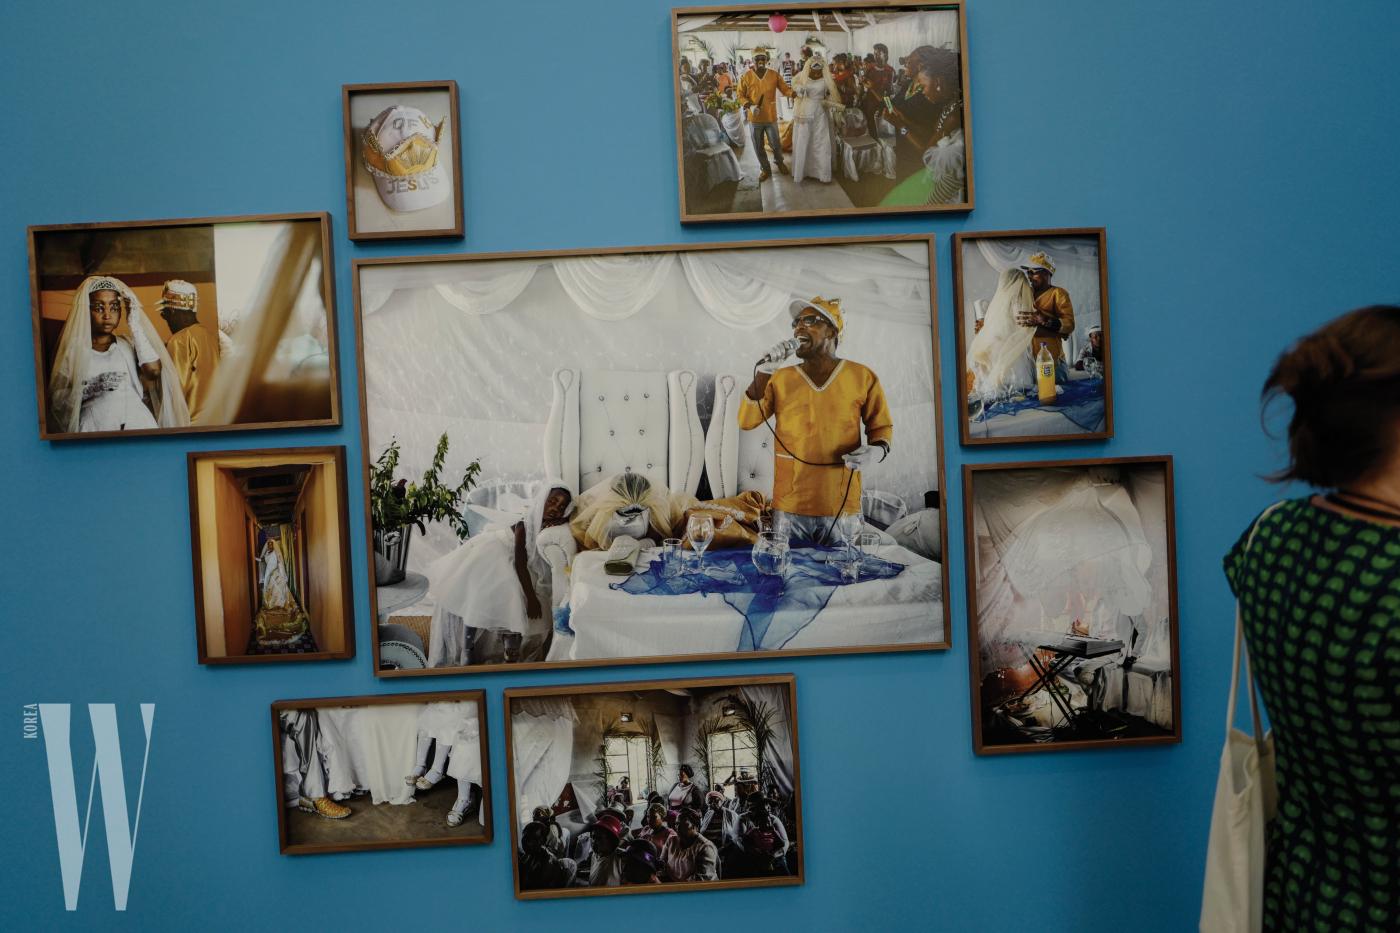 . 네덜란드 출신의 사진가 요나스 벤딕선이 선보인 종교를 주제로 7명의 교주를 찍은 작업 .